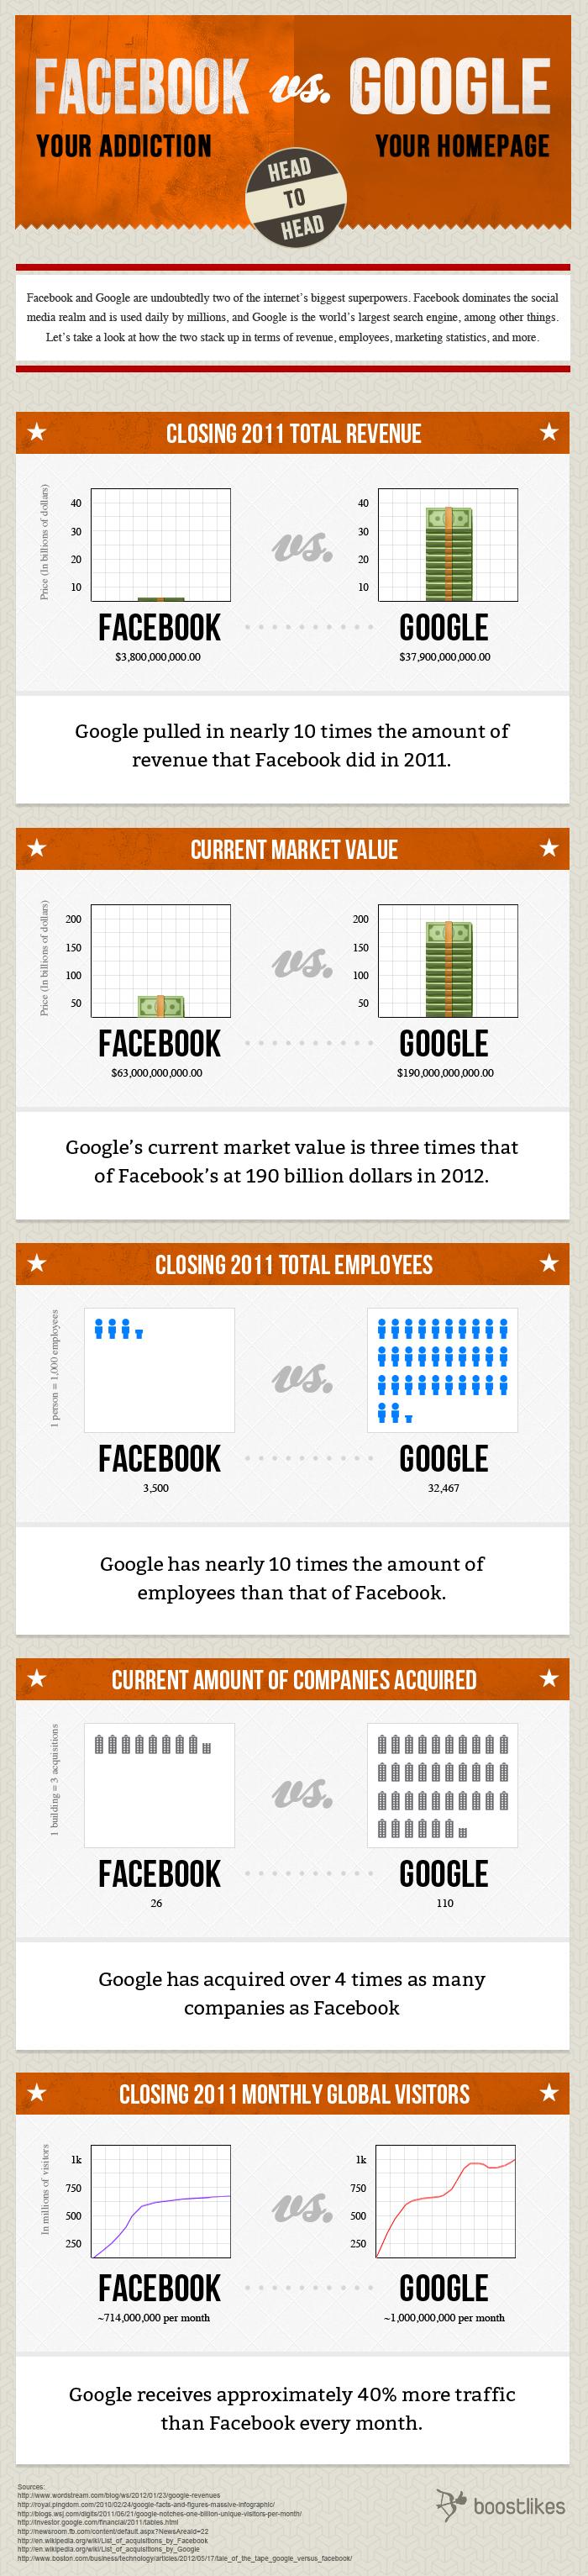 FaceBook frente a Google